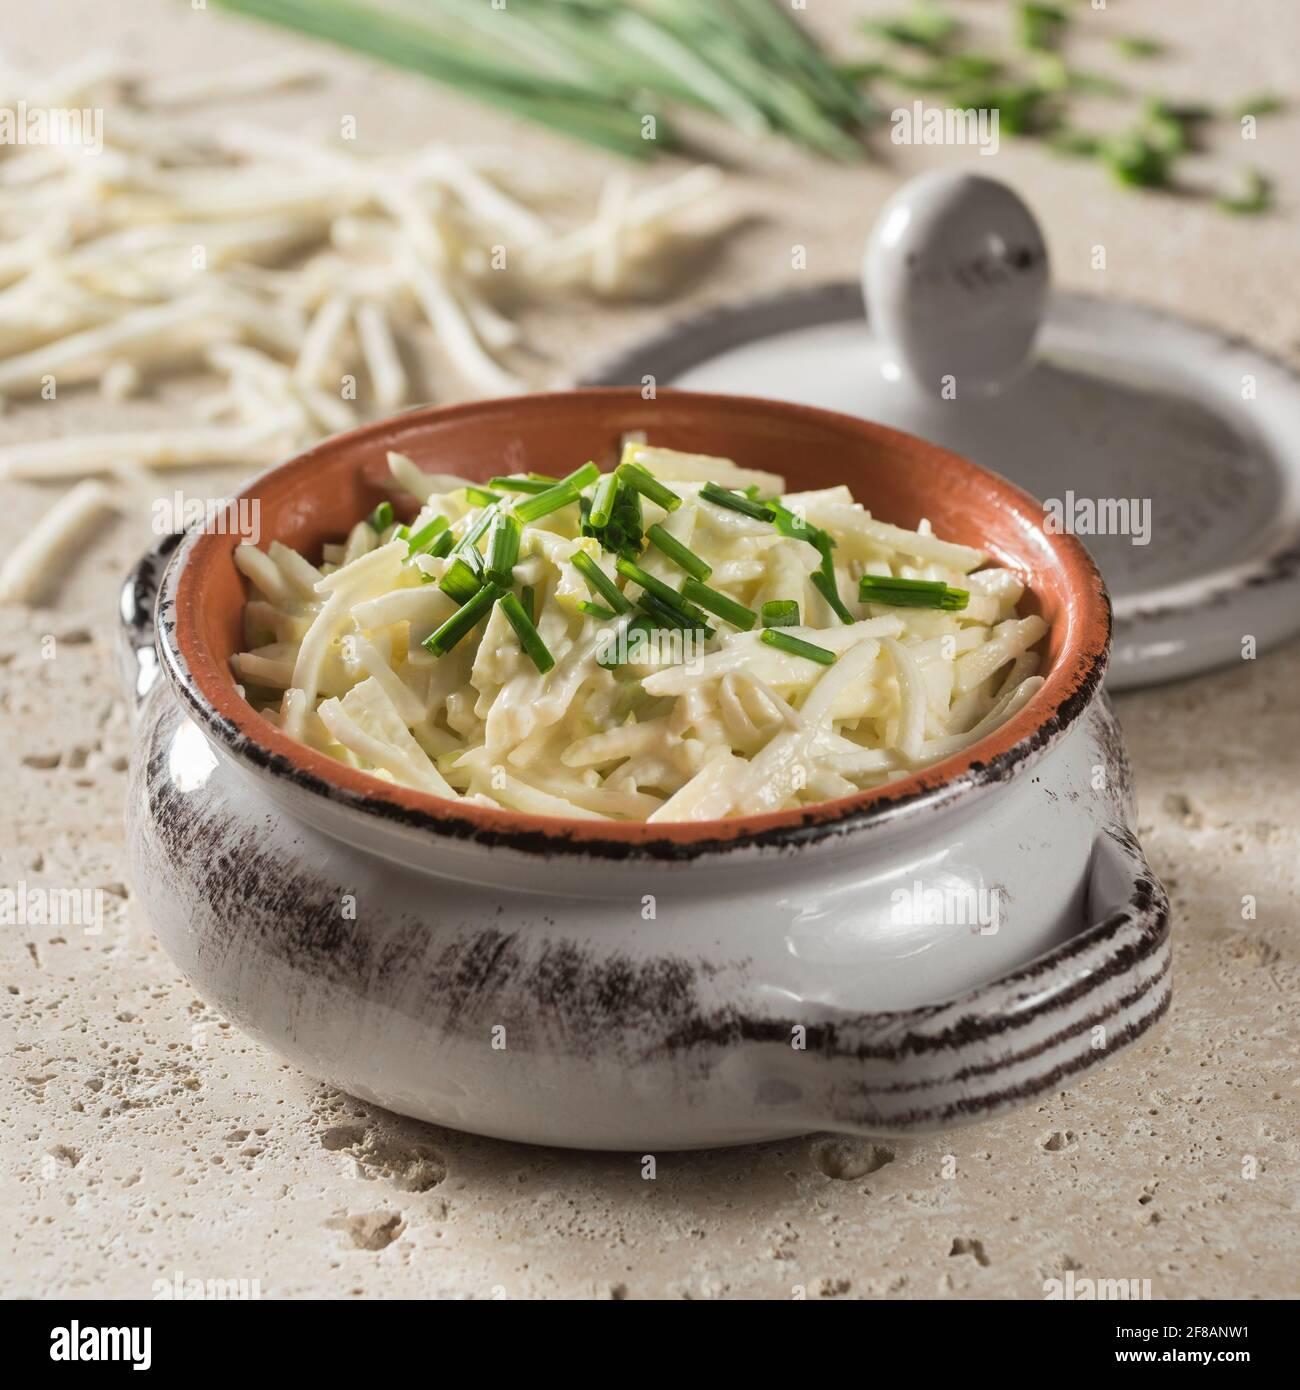 Rémoulade de céleri-rave. Salade de racines de céleri dans de la mayonnaise à la moutarde. Banque D'Images